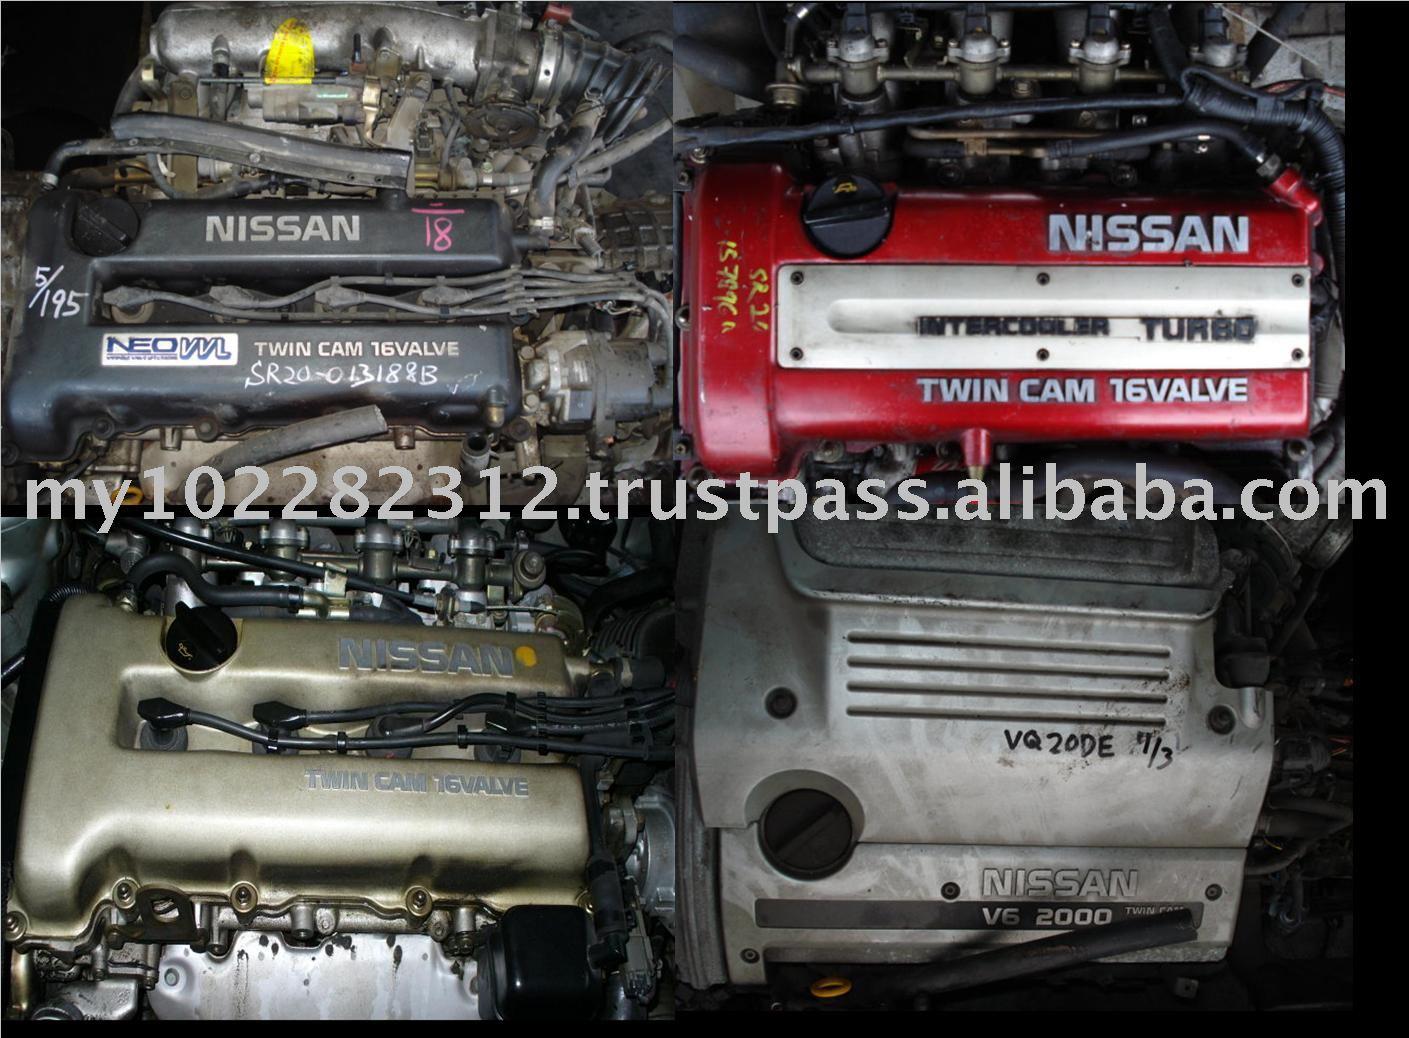 Jdm Used Engines / Japanenese Used Engines / Good Quality Engines - Buy  Used Nissan Engine,Jdm Used Engines,Jdm Used Halfcuts Product on Alibaba com